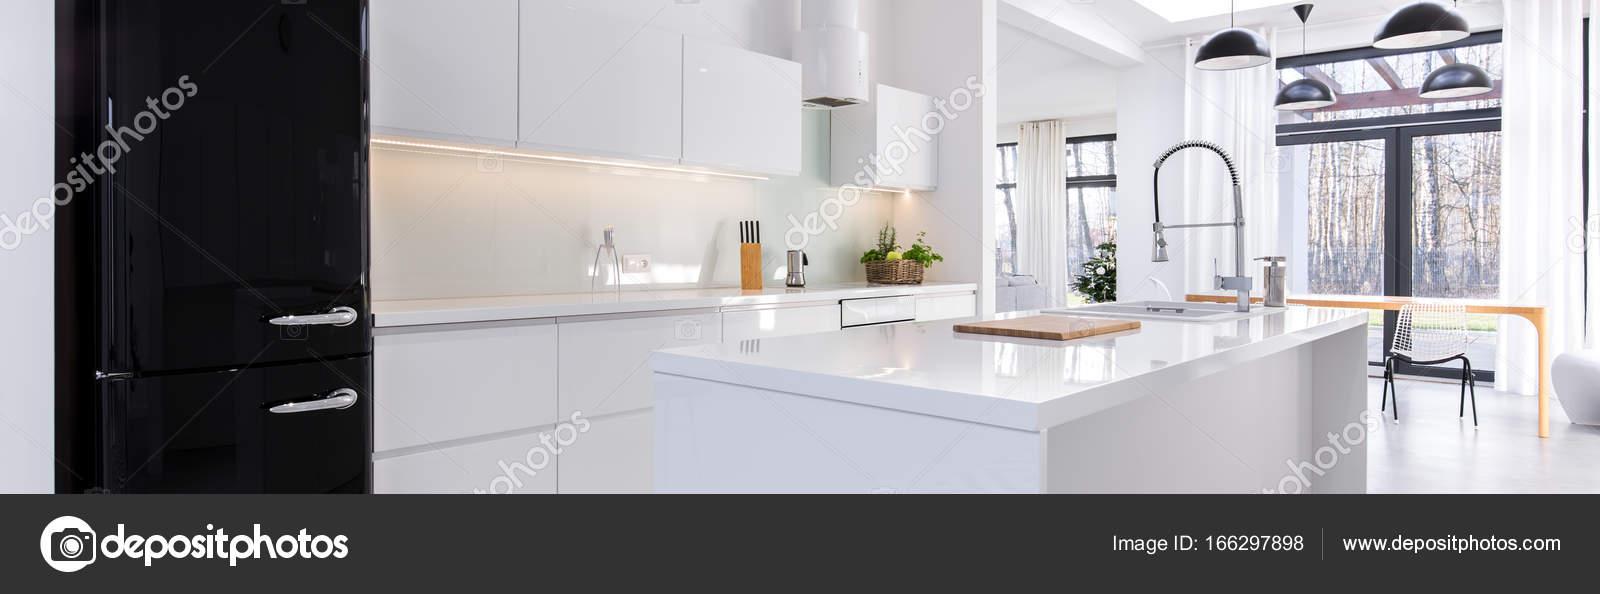 Moderne Küche mit schwarzer Kühlschrank — Stockfoto © photographee ...